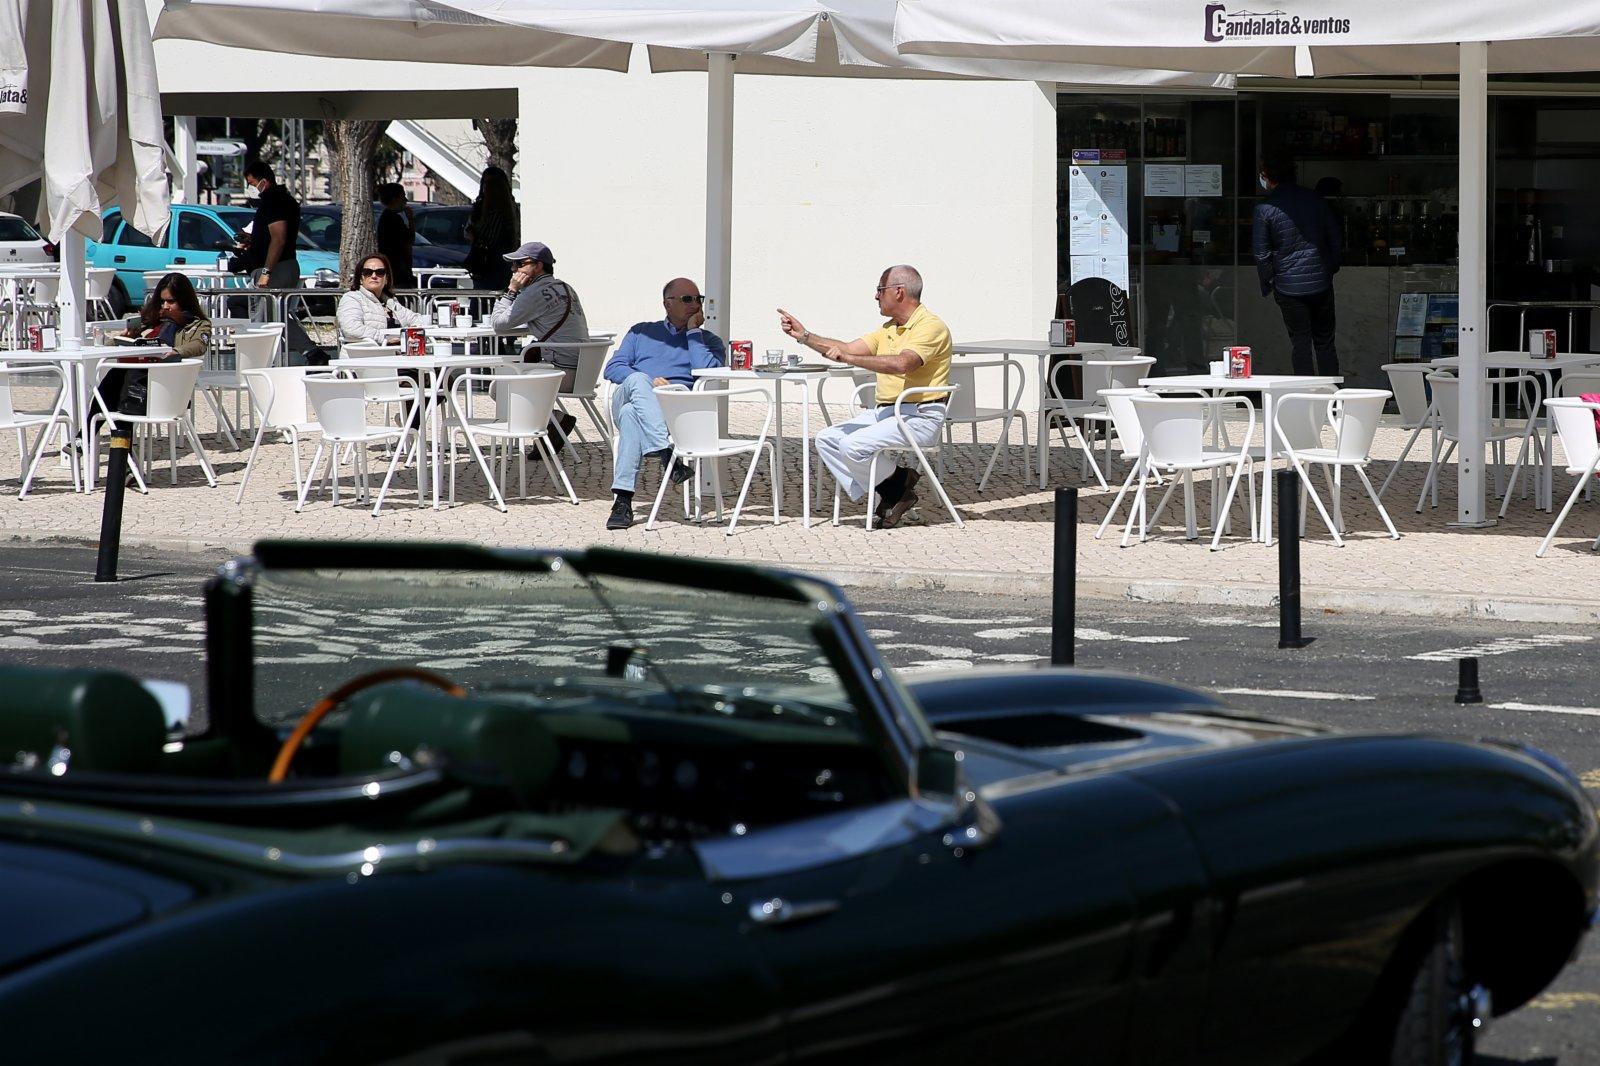 人們在葡萄牙首都里斯本的咖啡廳戶外座位上喝咖啡聊天。